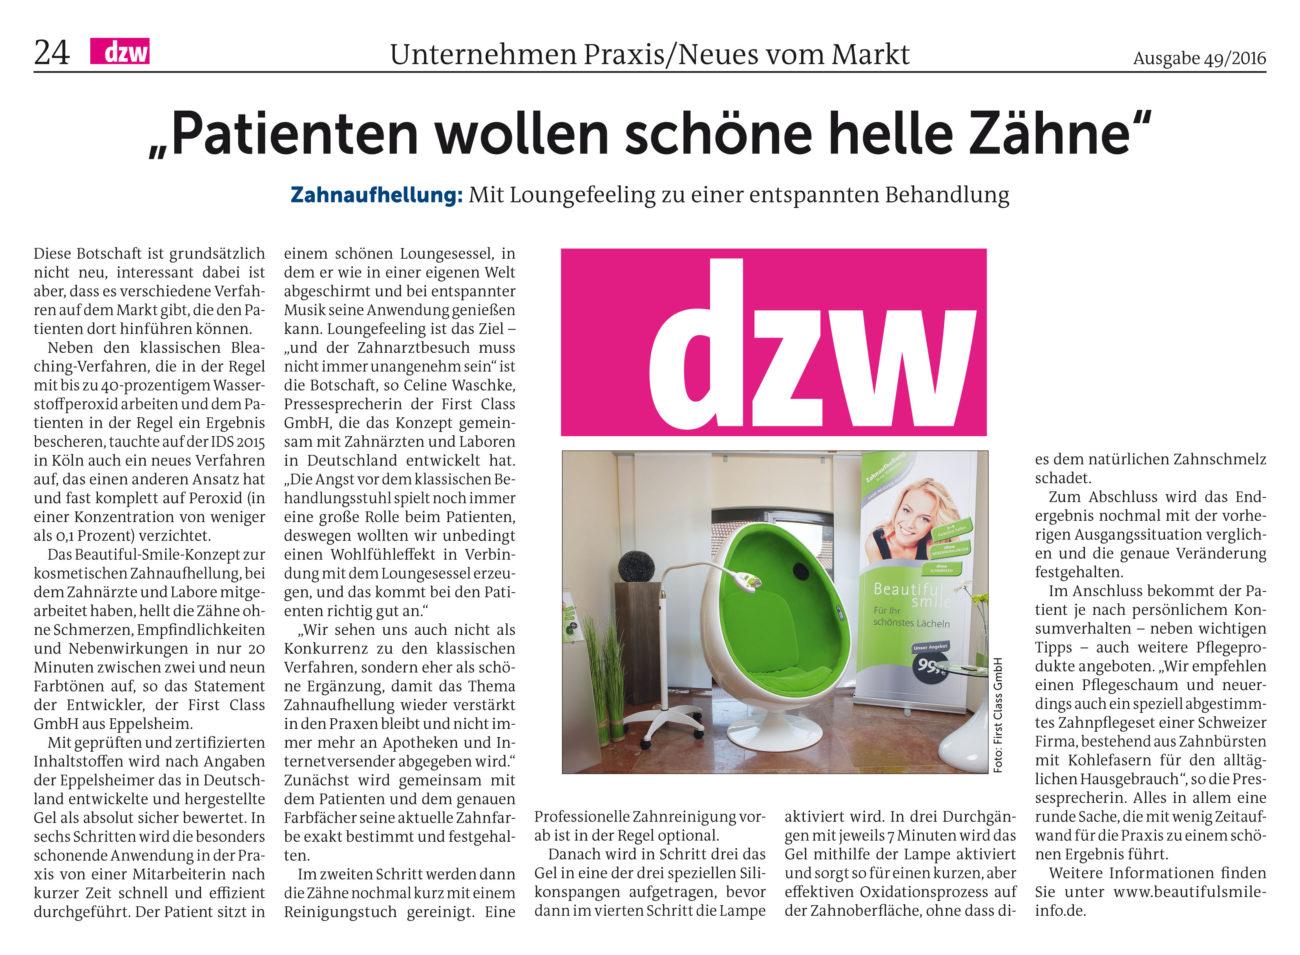 DZW Ausgabe 49, 2016